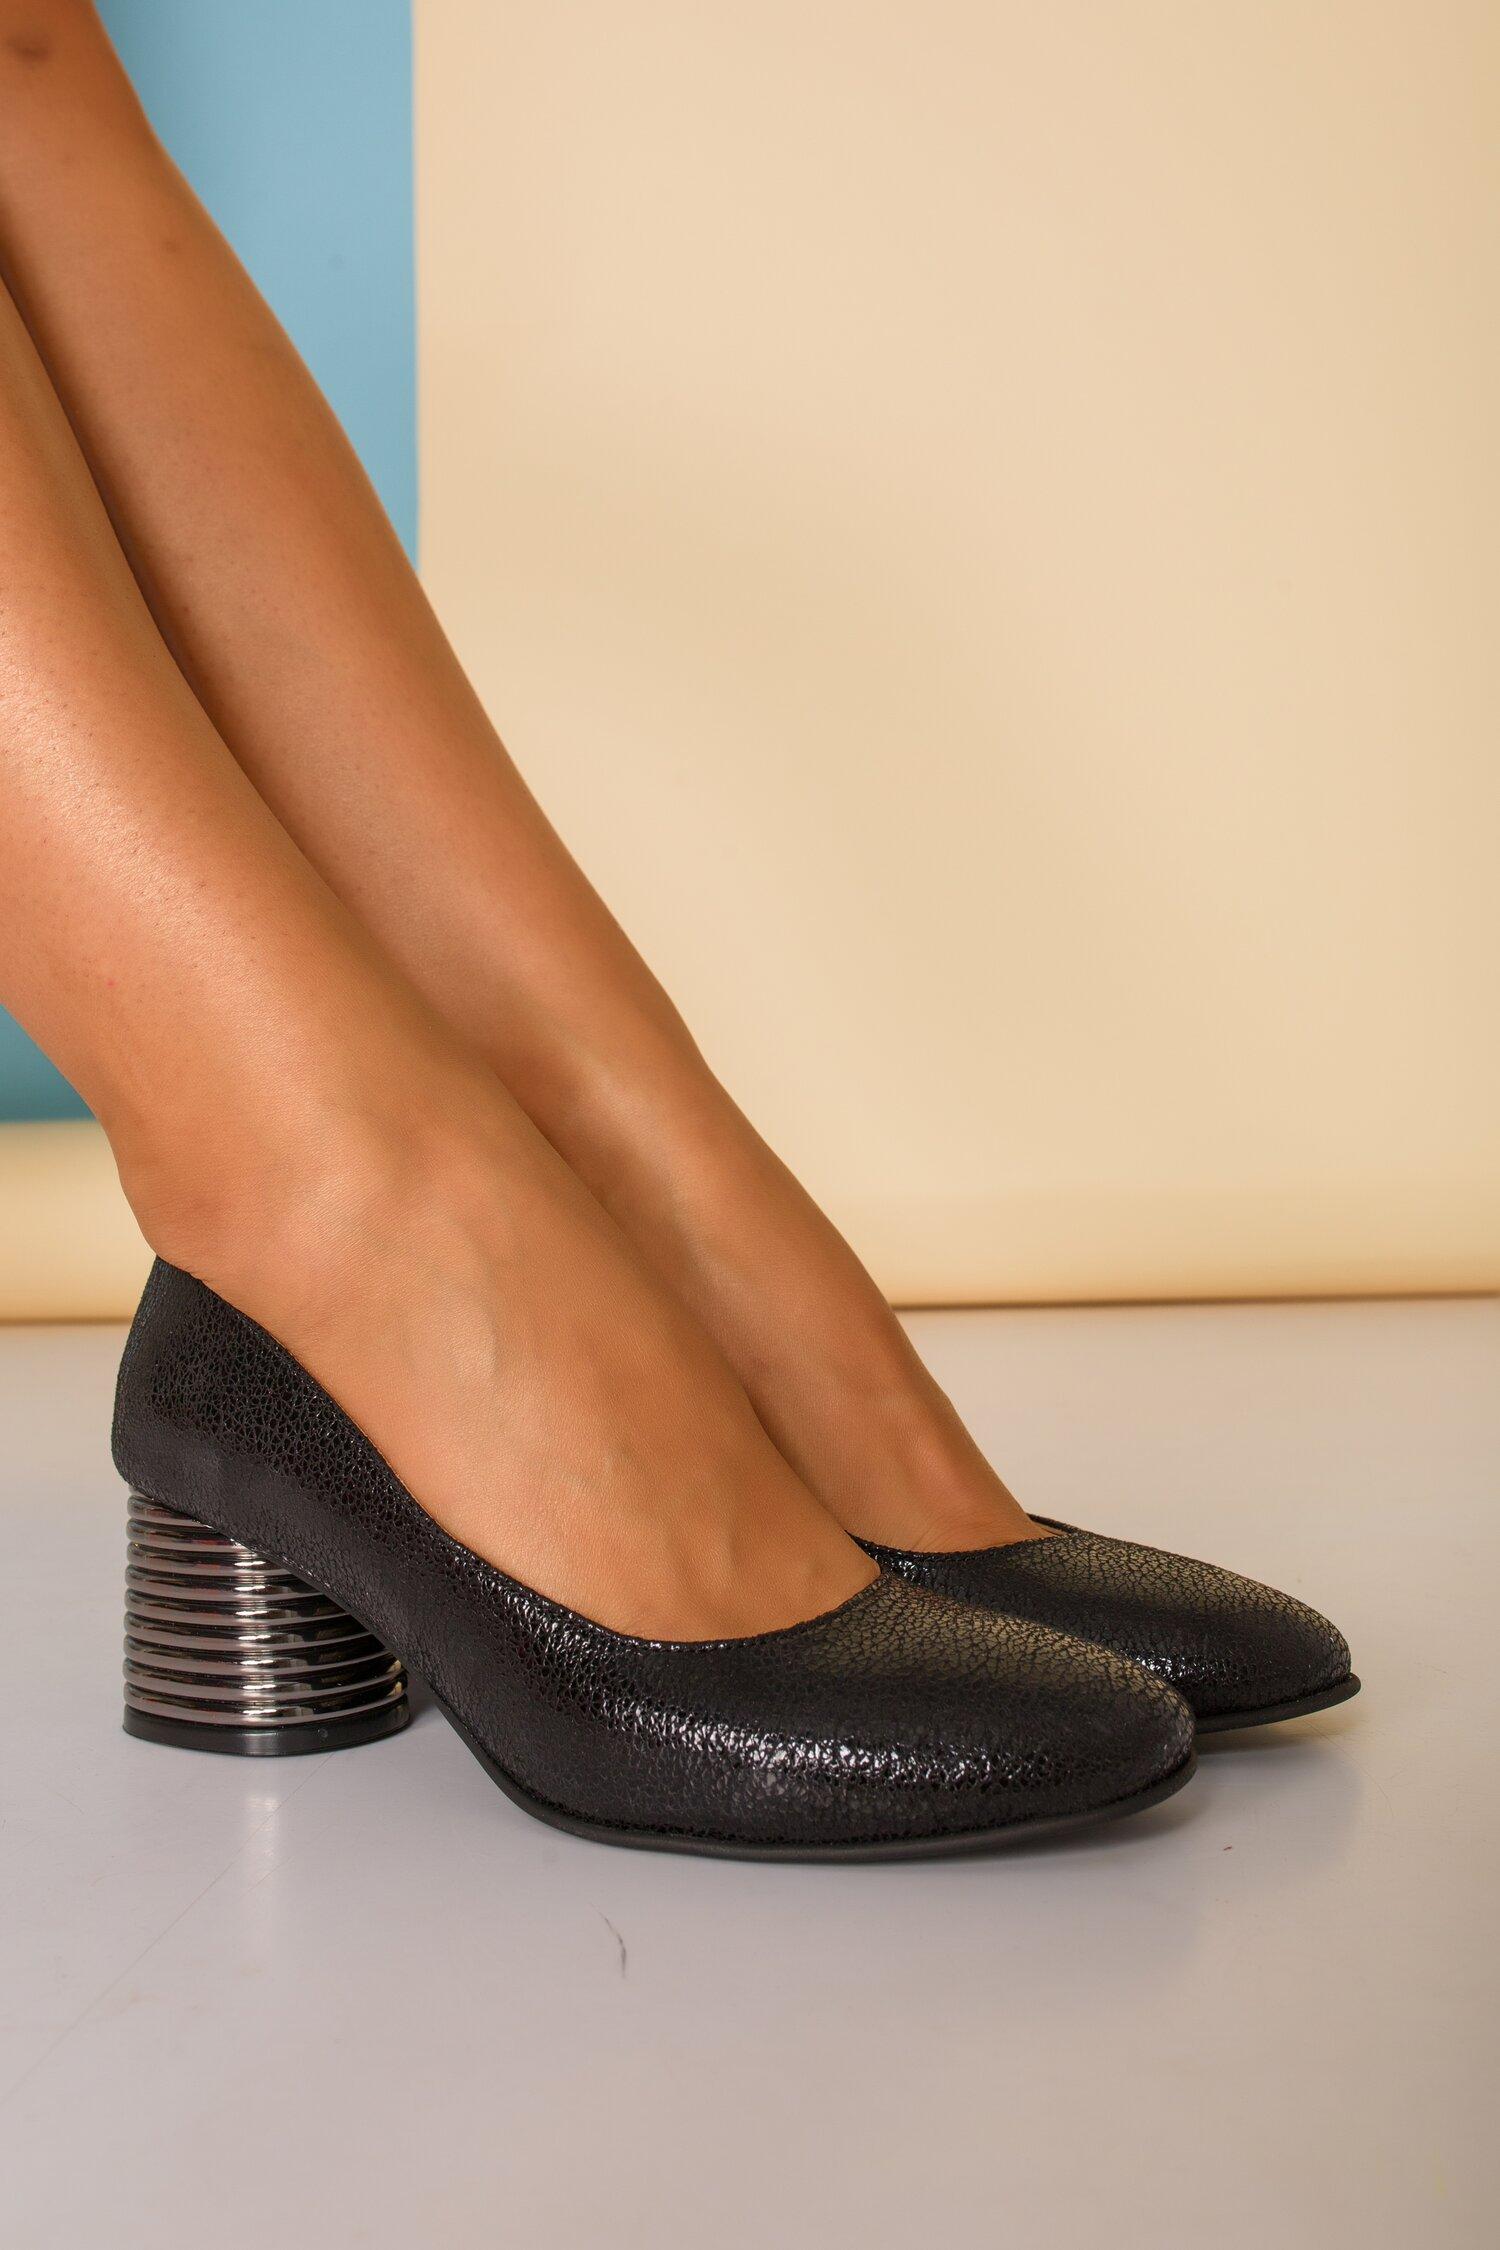 Pantofi negri sidefati cu toc gros imagine